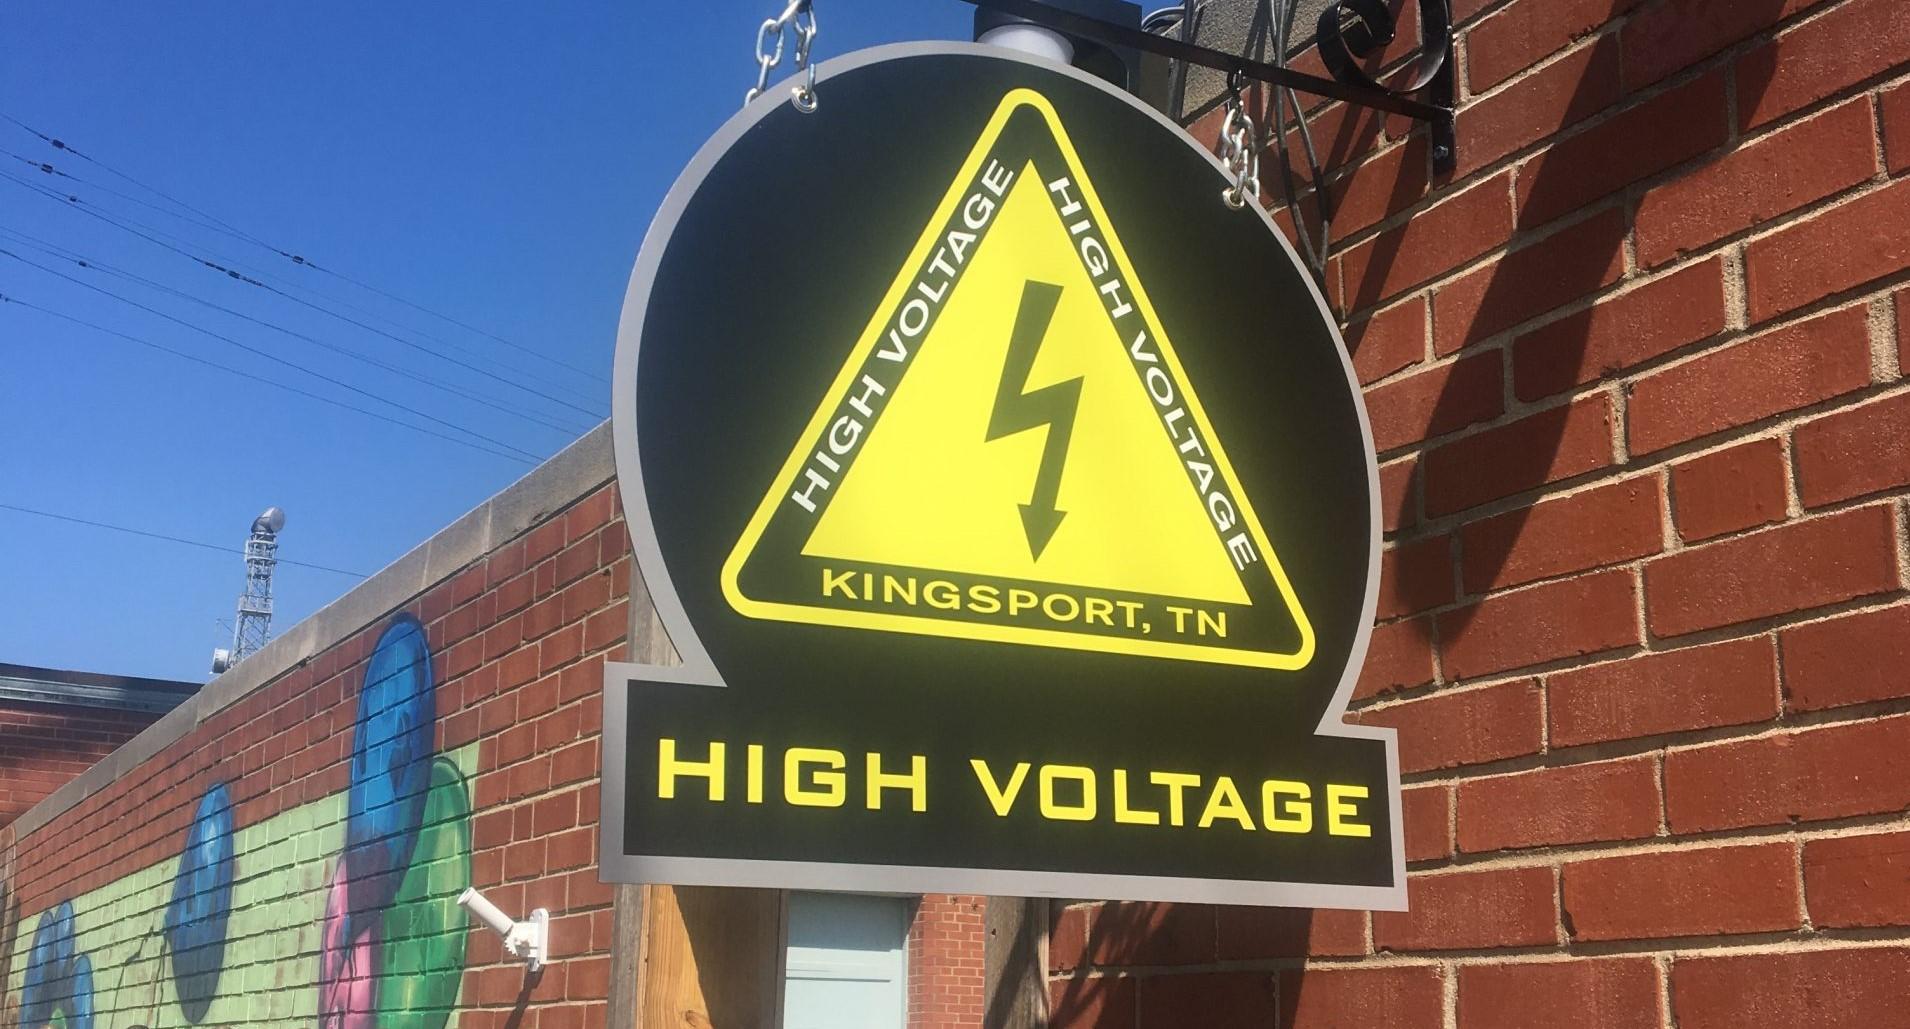 High Voltage Kingsport